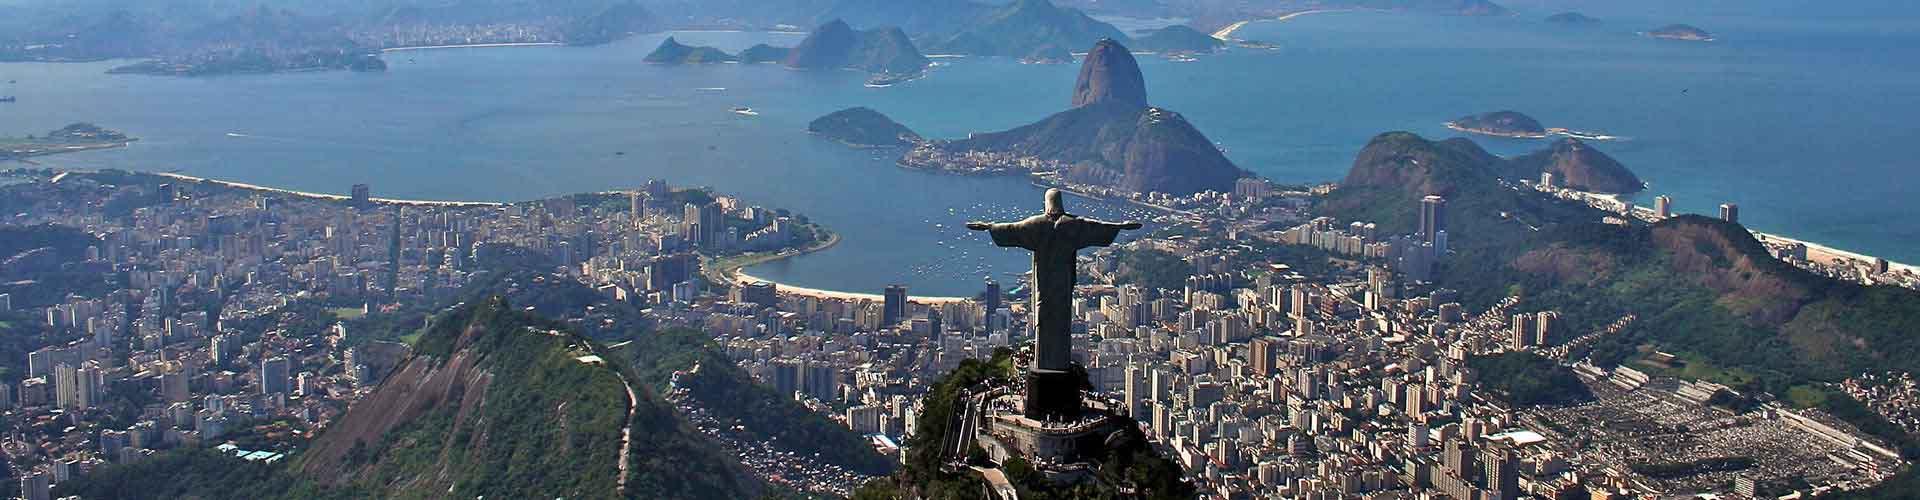 リオデジャネイロ – Copacabana地区のユースホステル. 地図 リオデジャネイロ, すべてのユースホステルの写真とレビュー リオデジャネイロ.